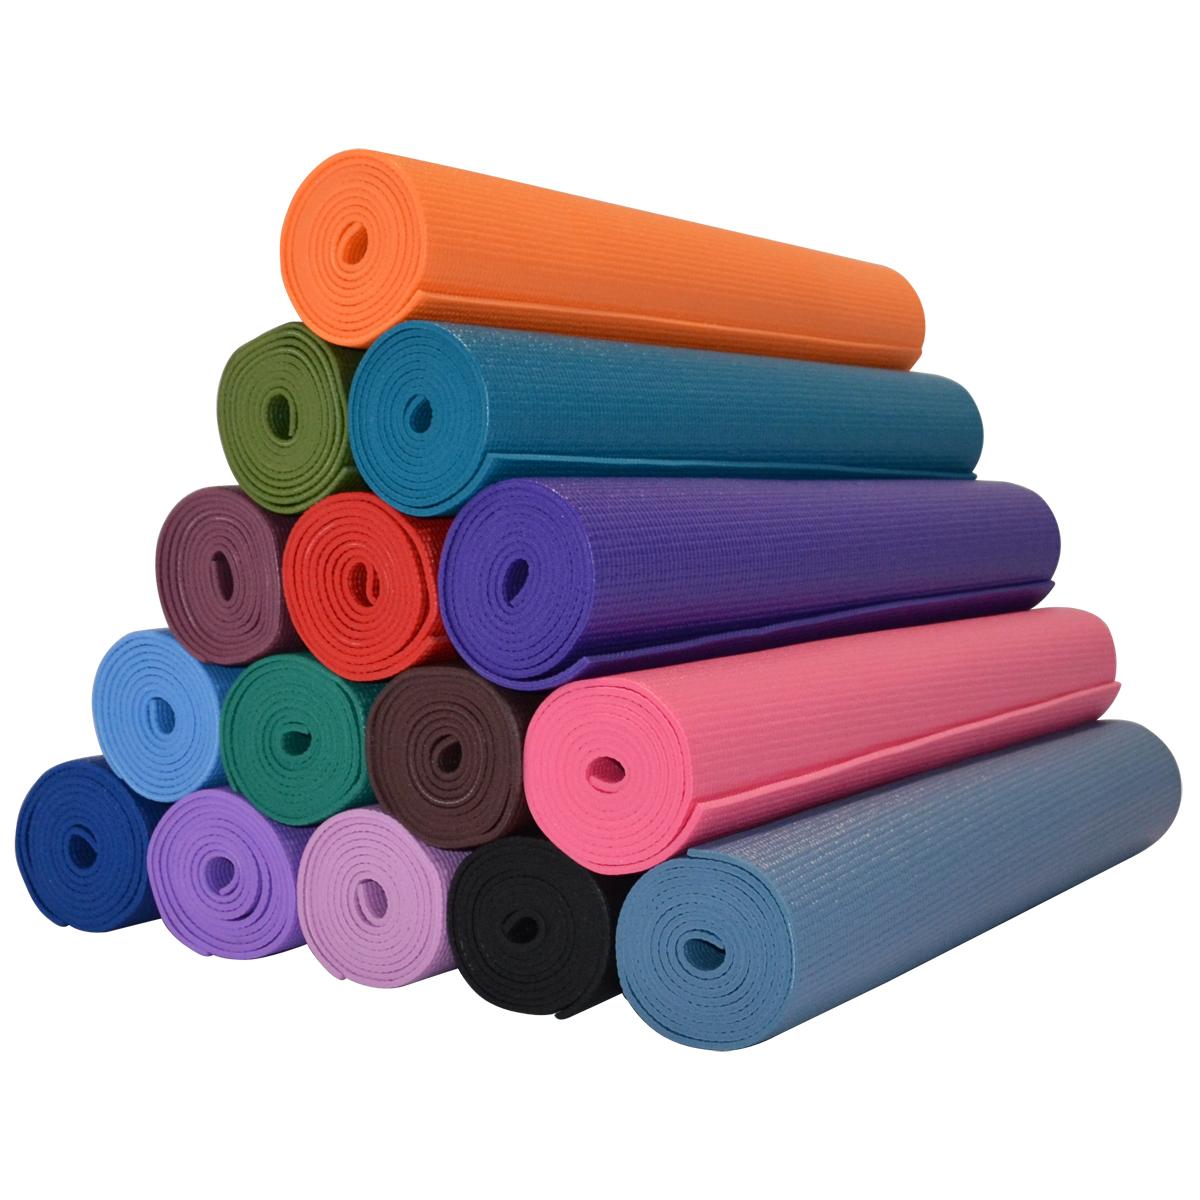 Buy Online Fablooms Yoga Mat